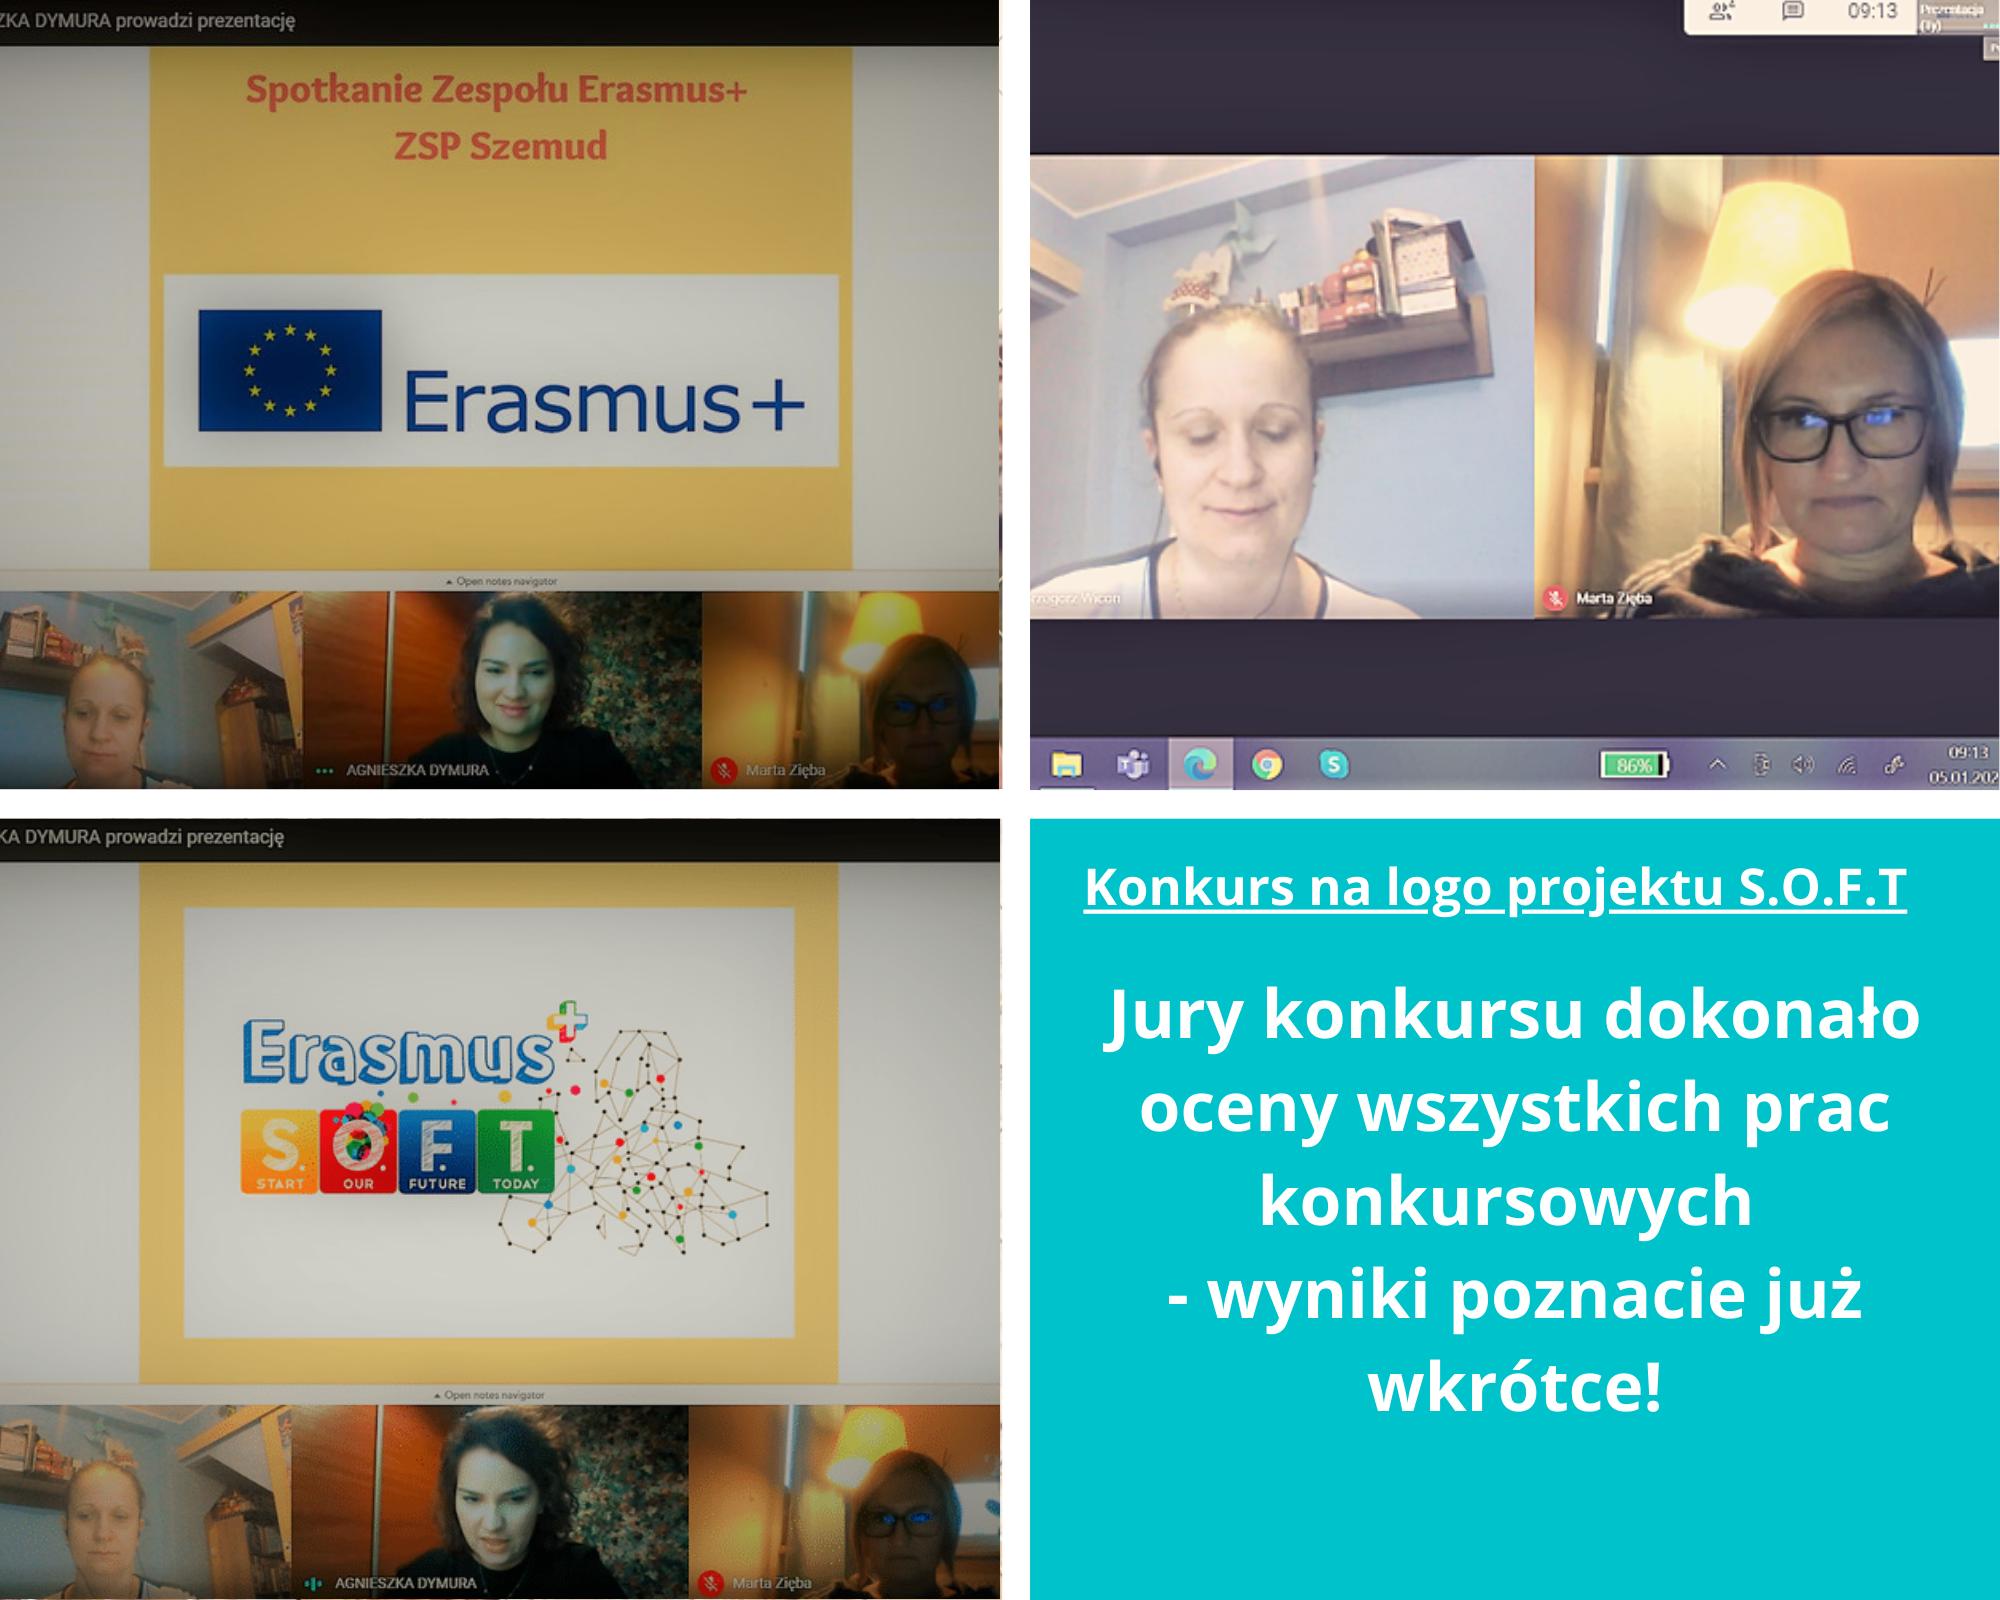 Spotkanie Zespołu Erasmus+